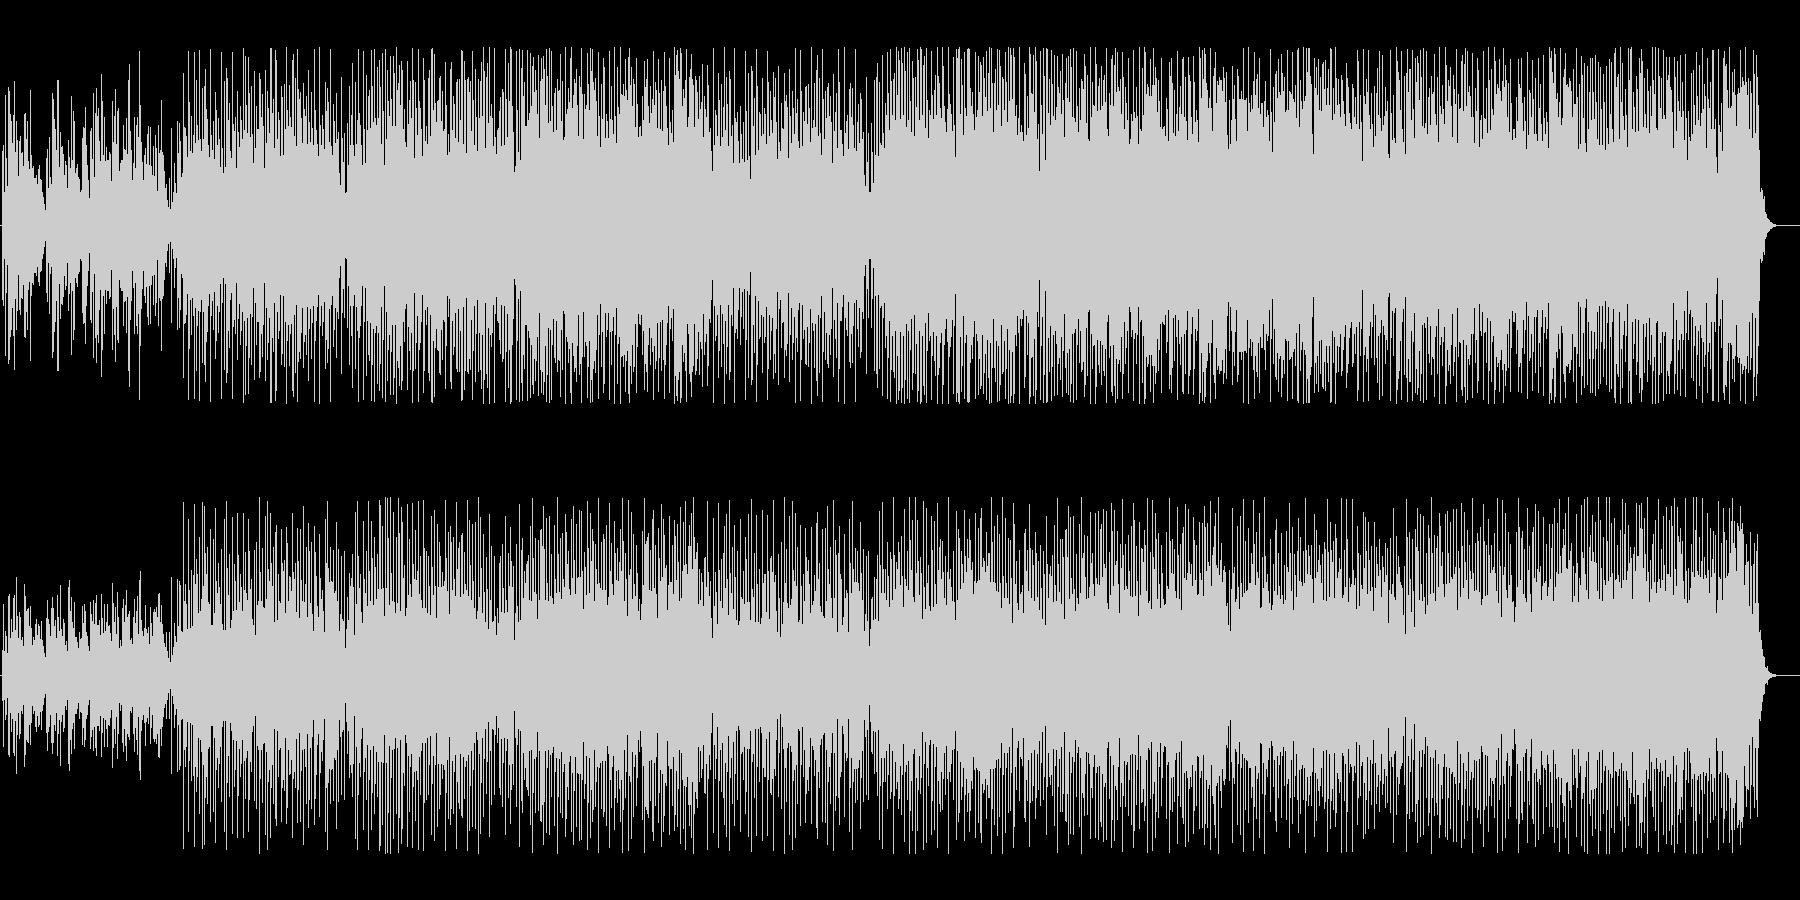 歌詞を入れれそうな和風BGMの未再生の波形